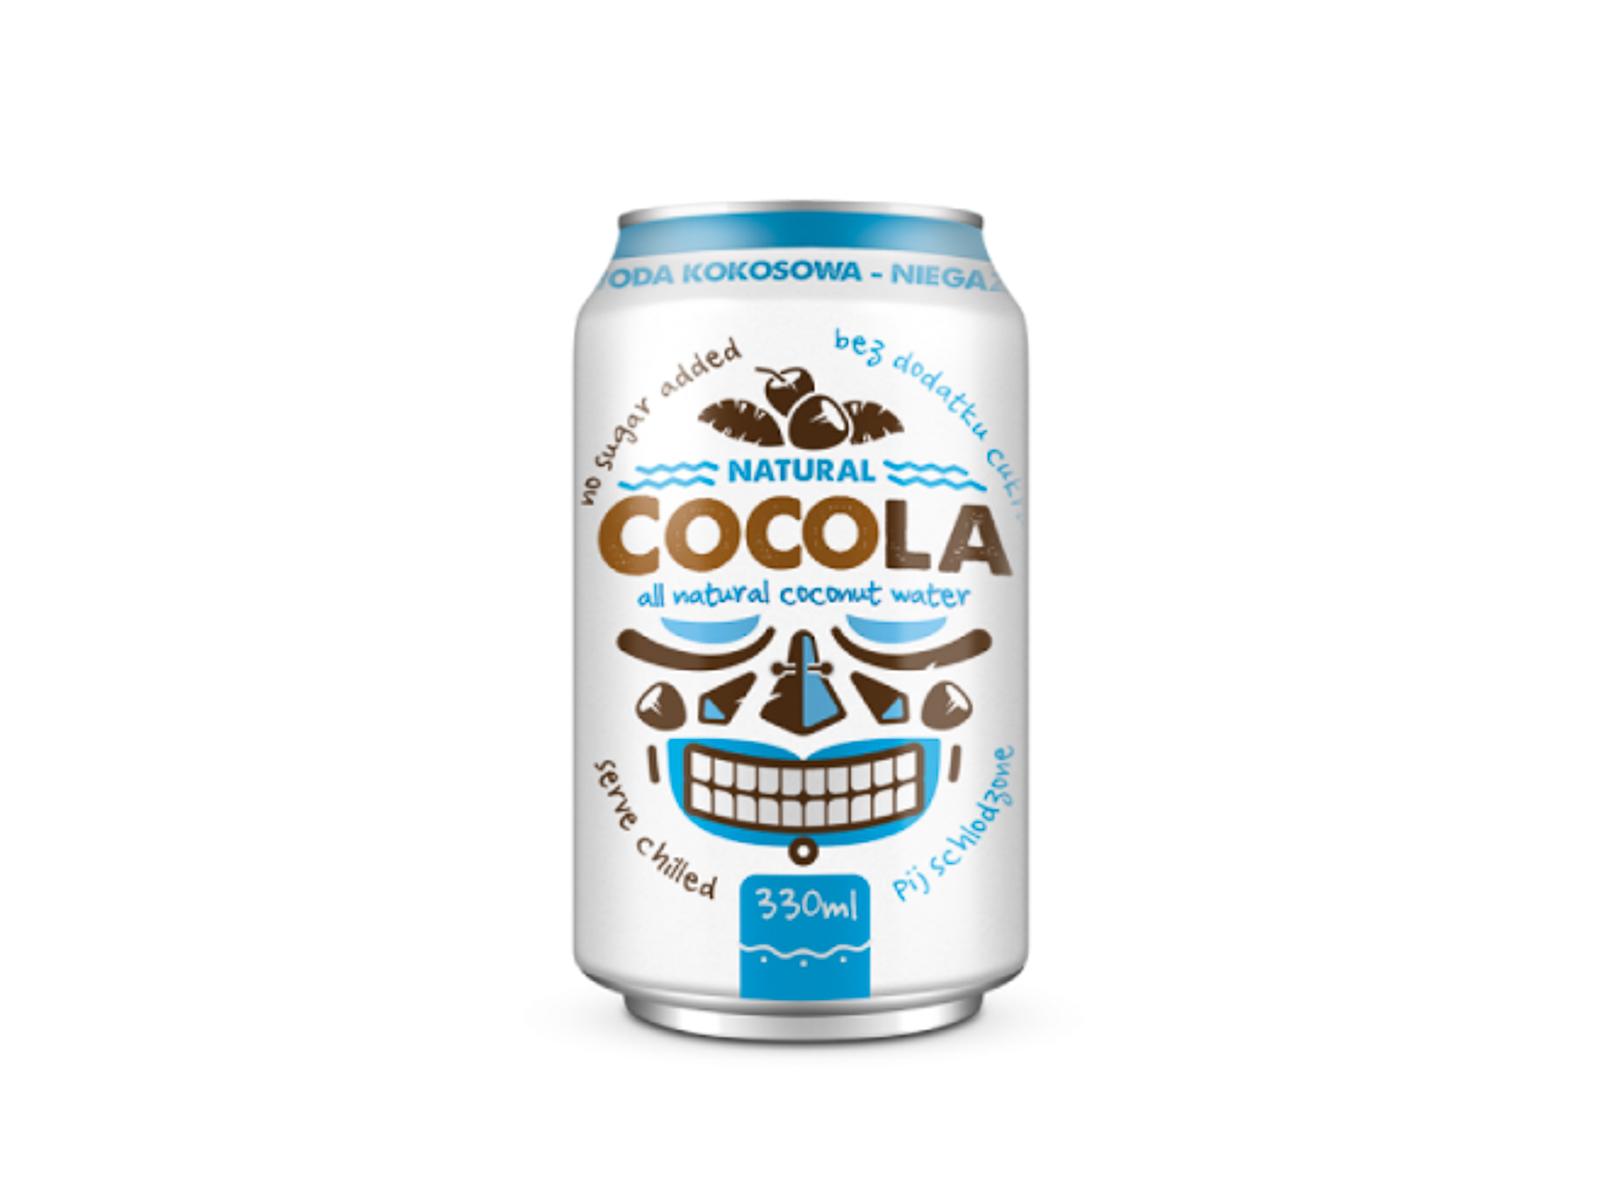 Натуральная кокосовая вода Cocola